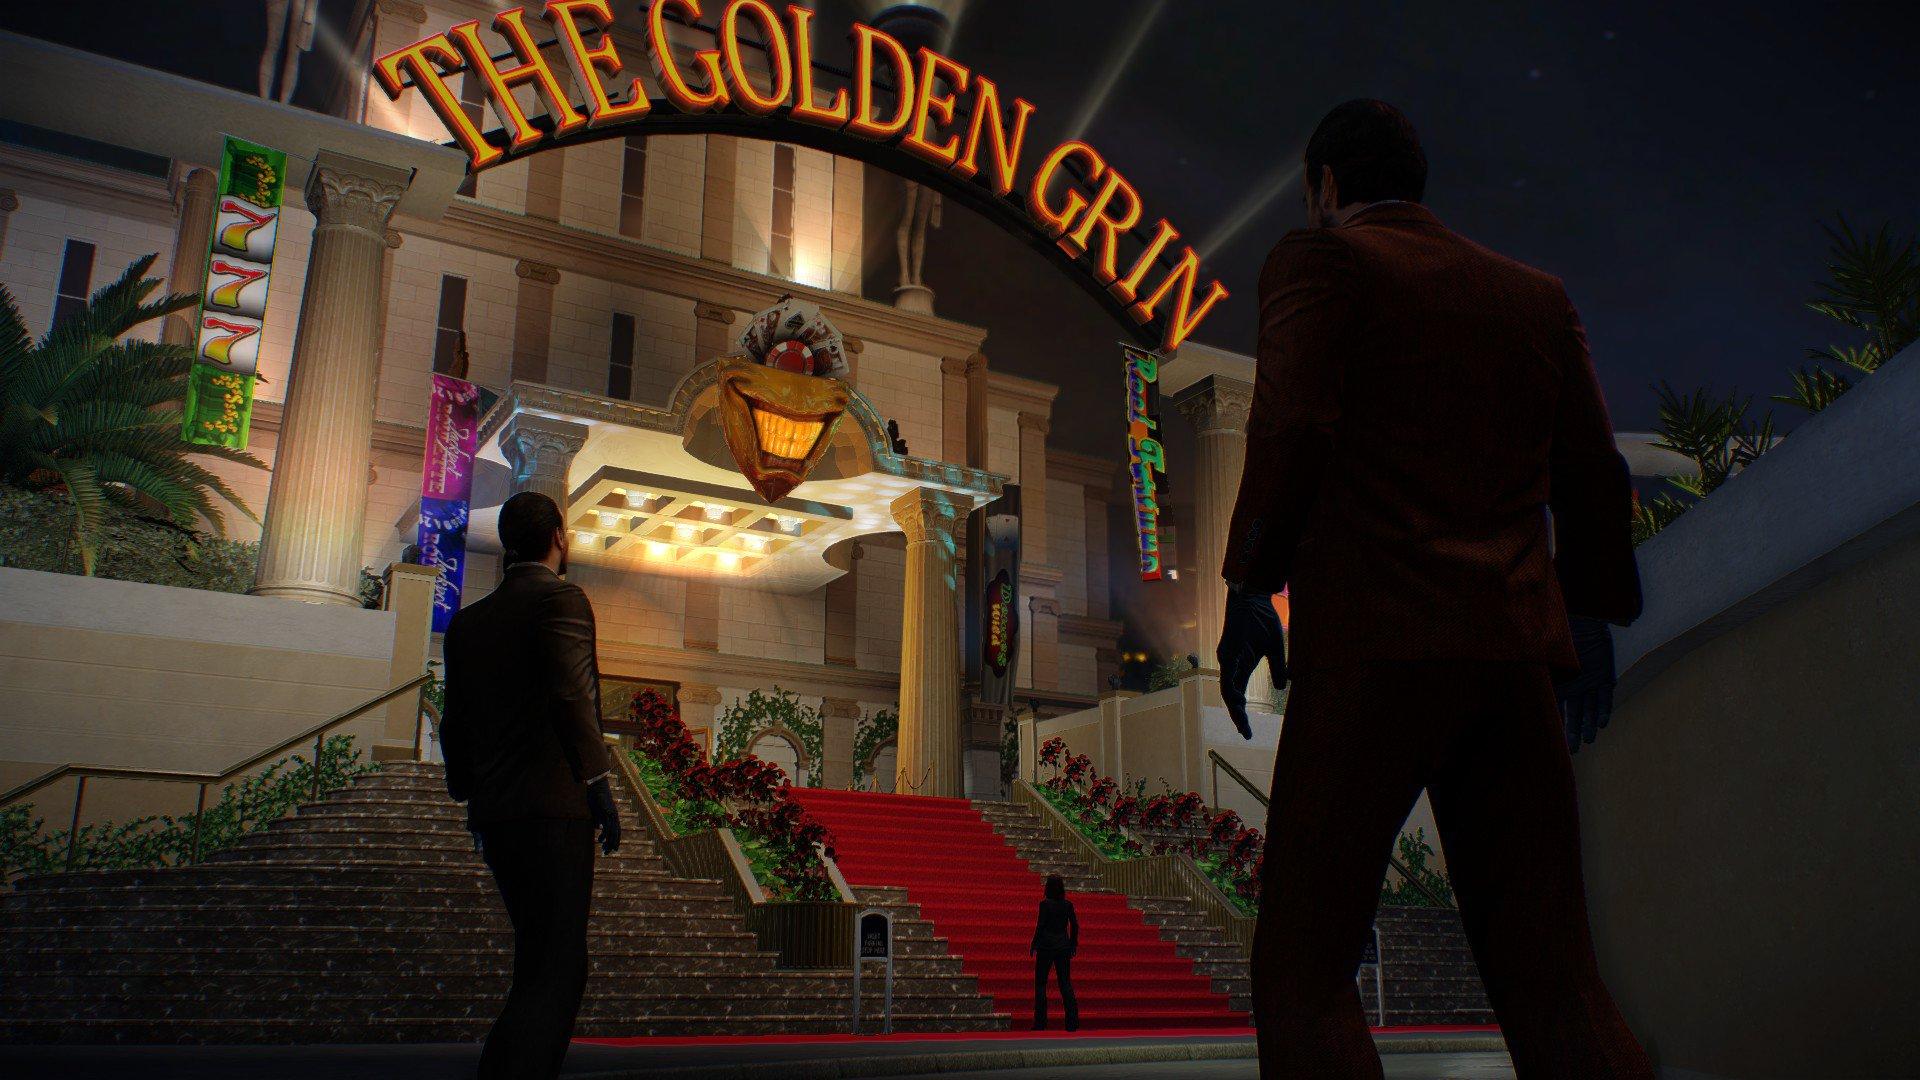 официальный сайт казино golden grin payday 2